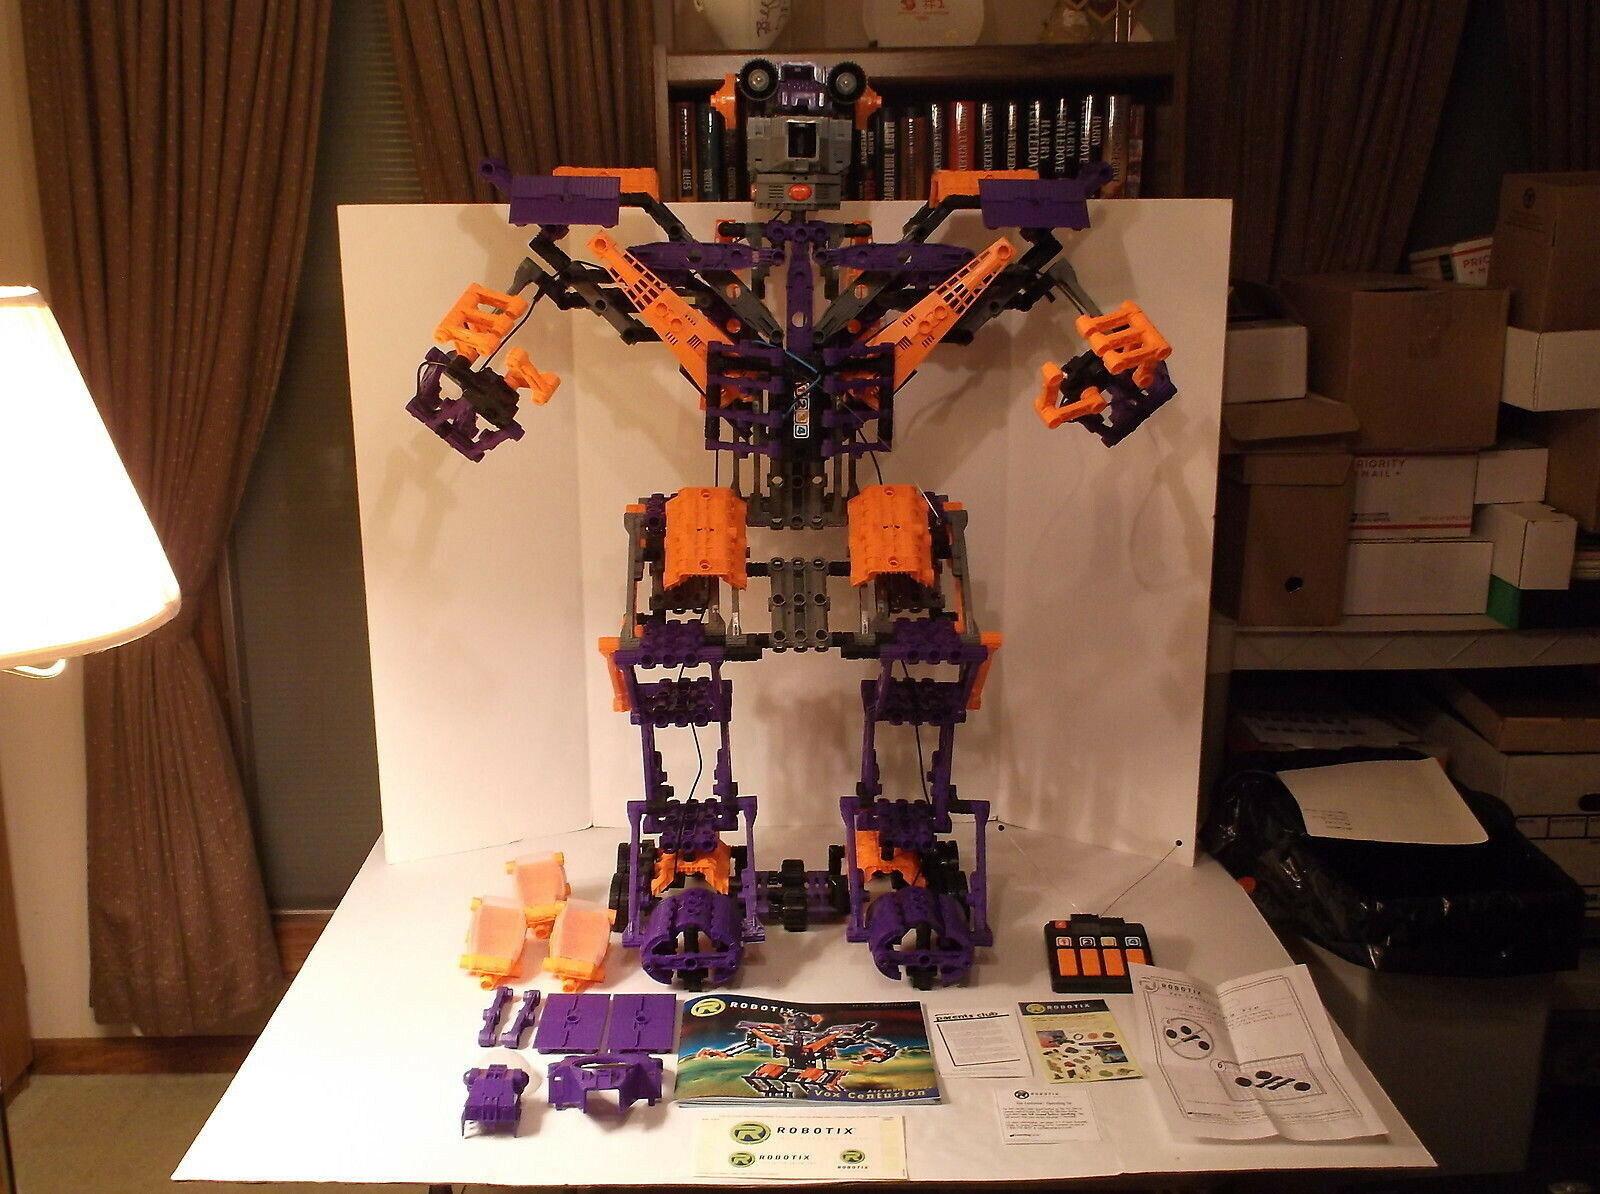 1999 Learning Curve Robotix Vox Centurion Robot Building Set Complete Works